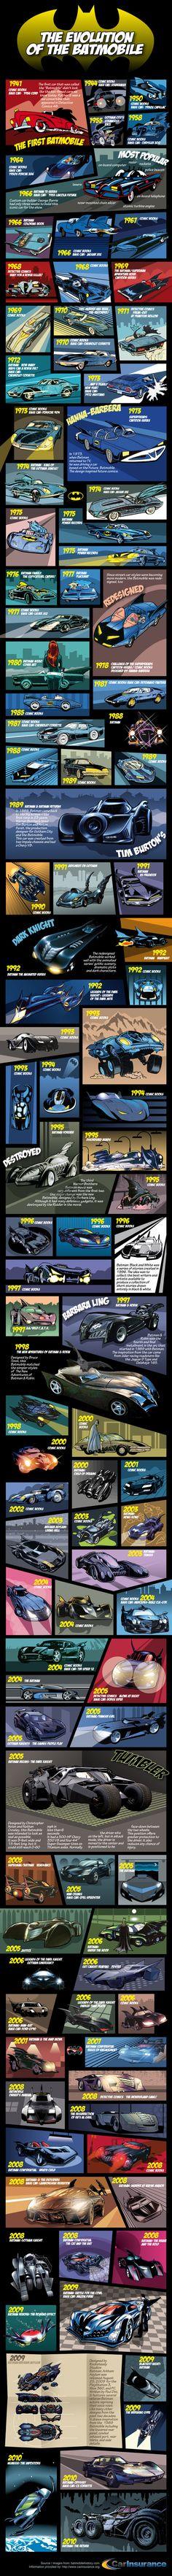 Infográfico: A evolução do batmóvel | Assuntos Criativos